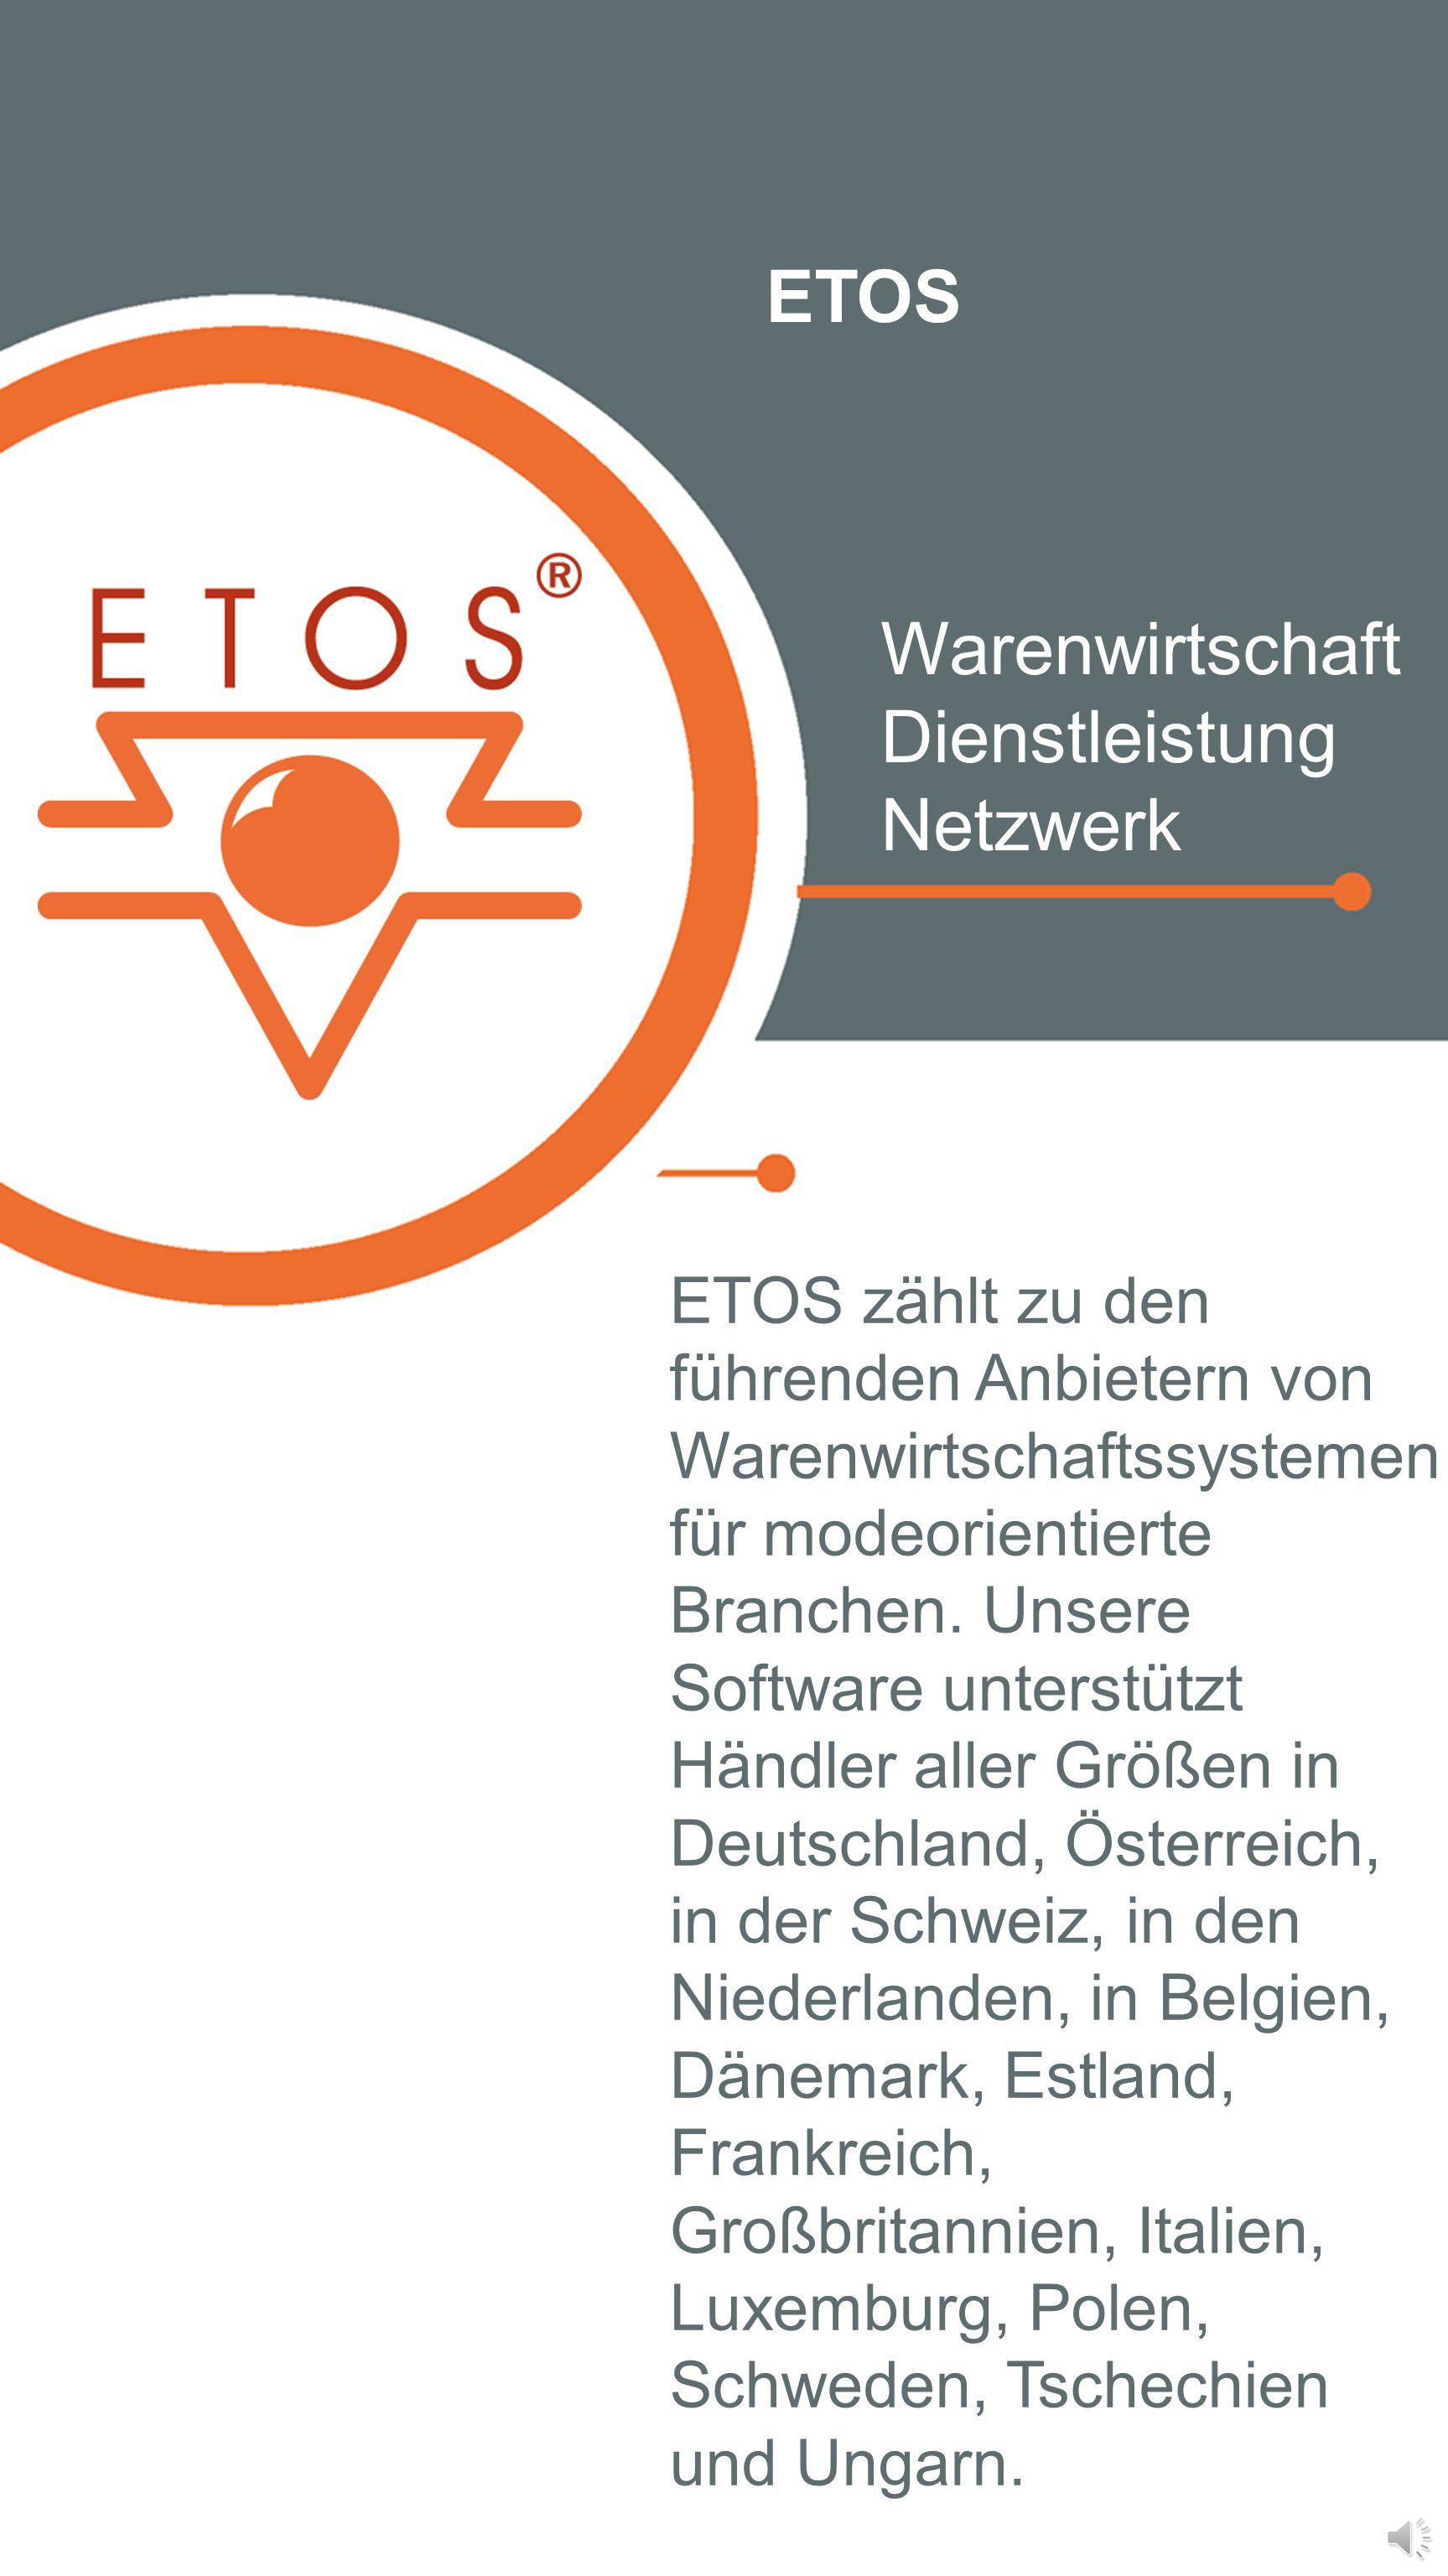 ETOS Warenwirtschaft Dienstleistung Netzwerk